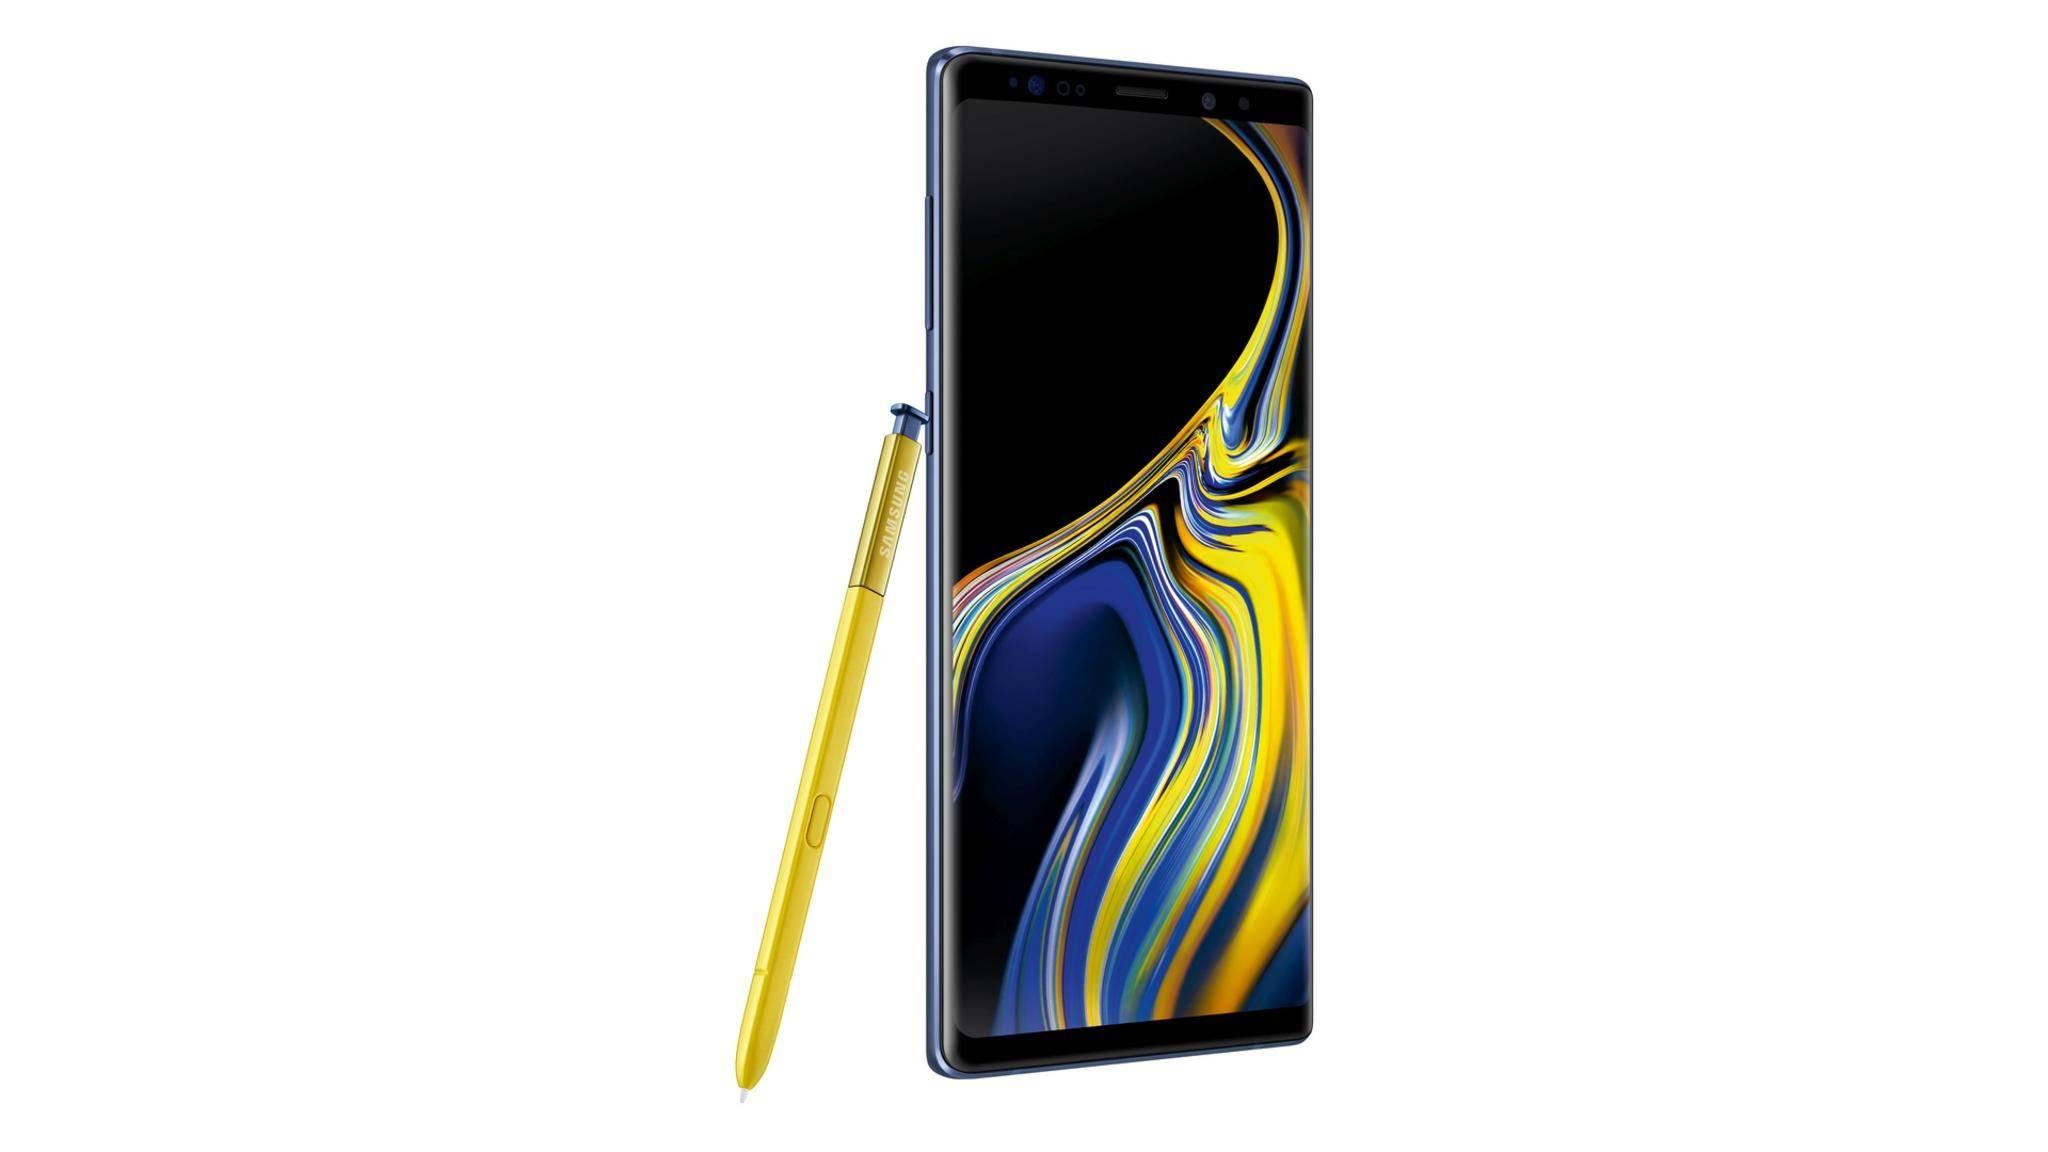 Das Galaxy Note 9 bietet einen innovativen S-Pen mit Bluetooth-Support.